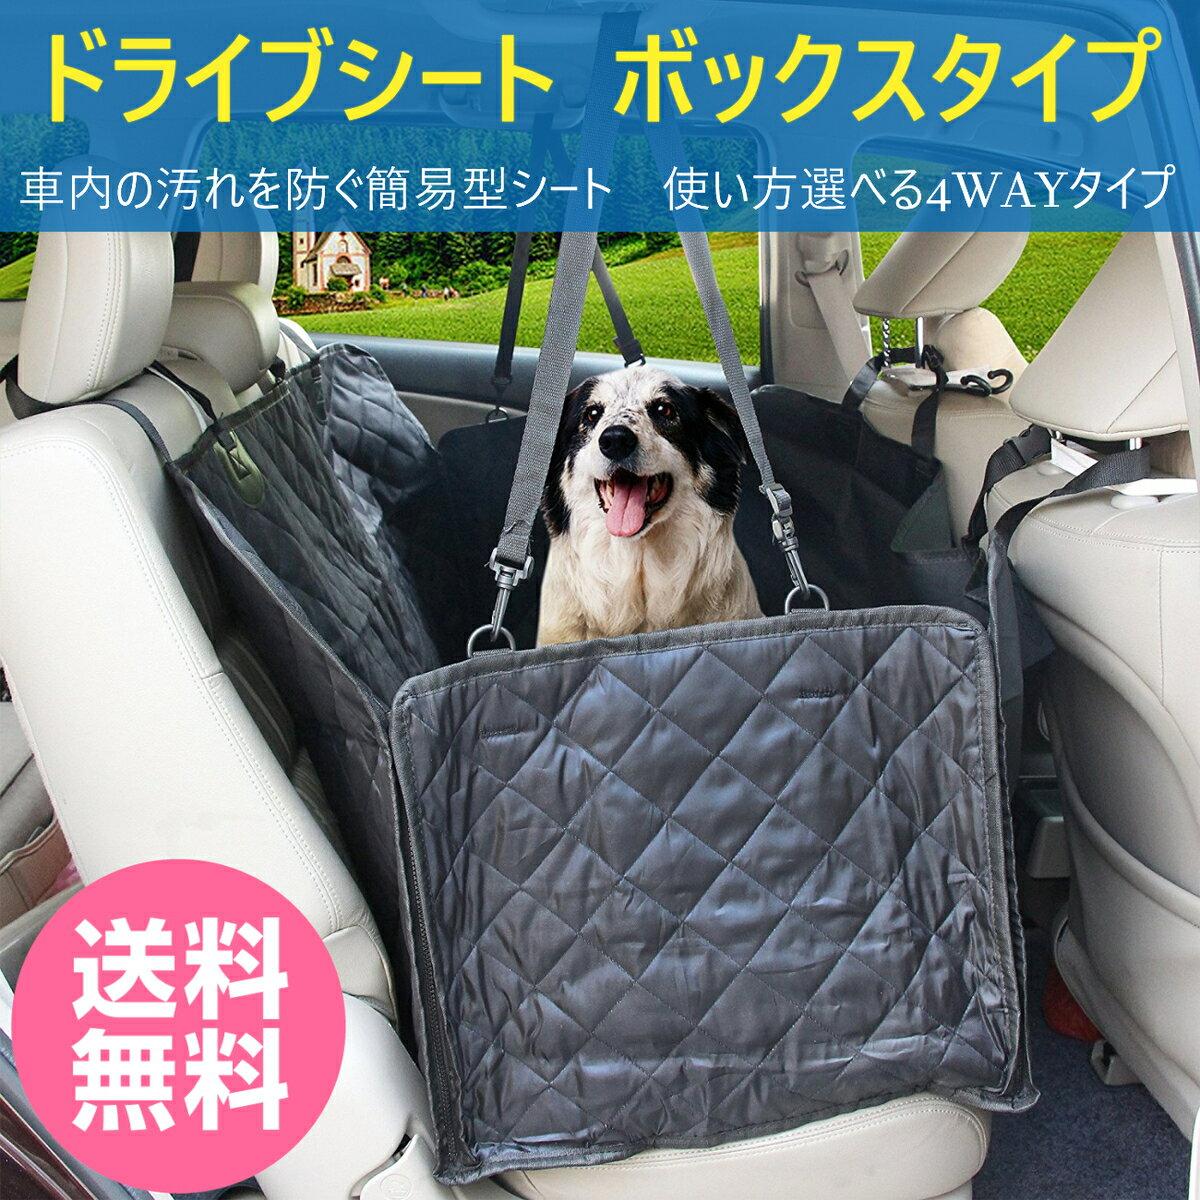 【送料無料】ペット 用 ドライブシート BOX ボックス タイプ 車用 ペットシート カーシートカバー 防汚 防水 撥水 滑り止め 車 後部座席 シート ドライブボックス 汚れに強い 水洗い可能 折り畳み可